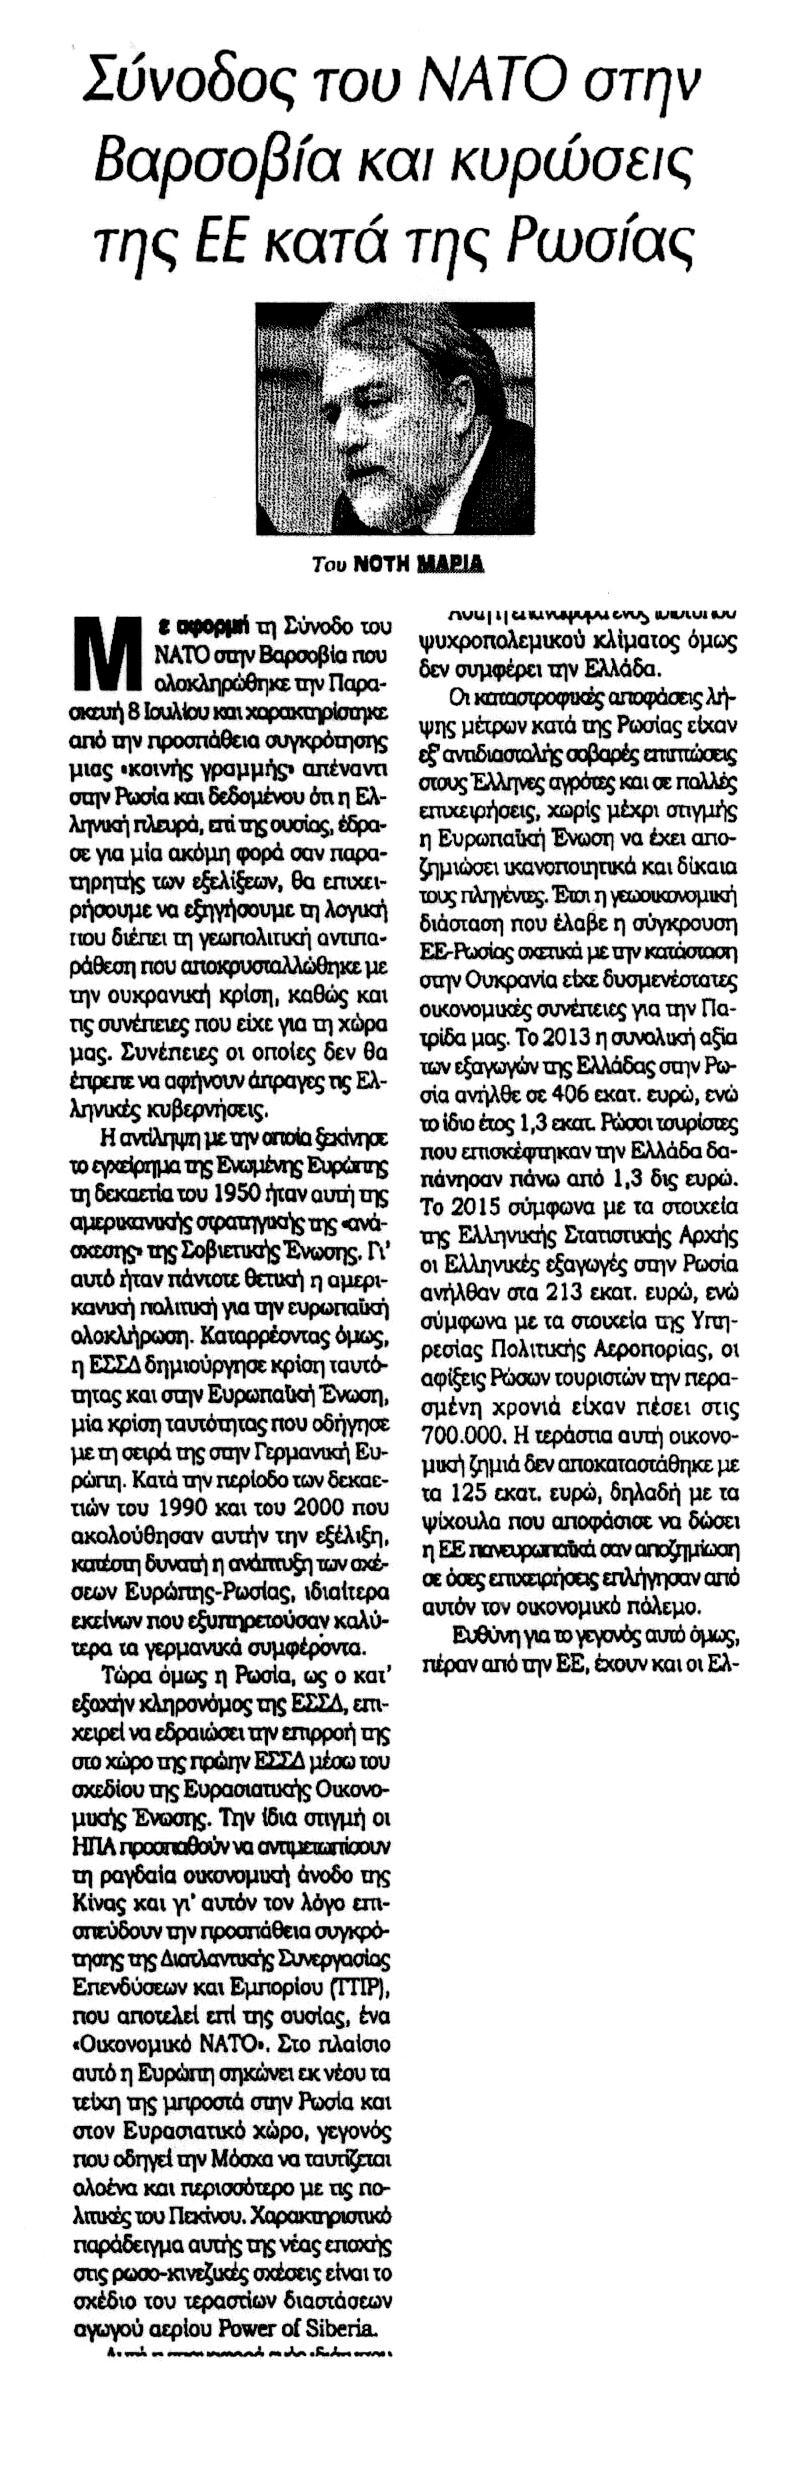 Kυριακάτικηkontranews_17_07_16 a